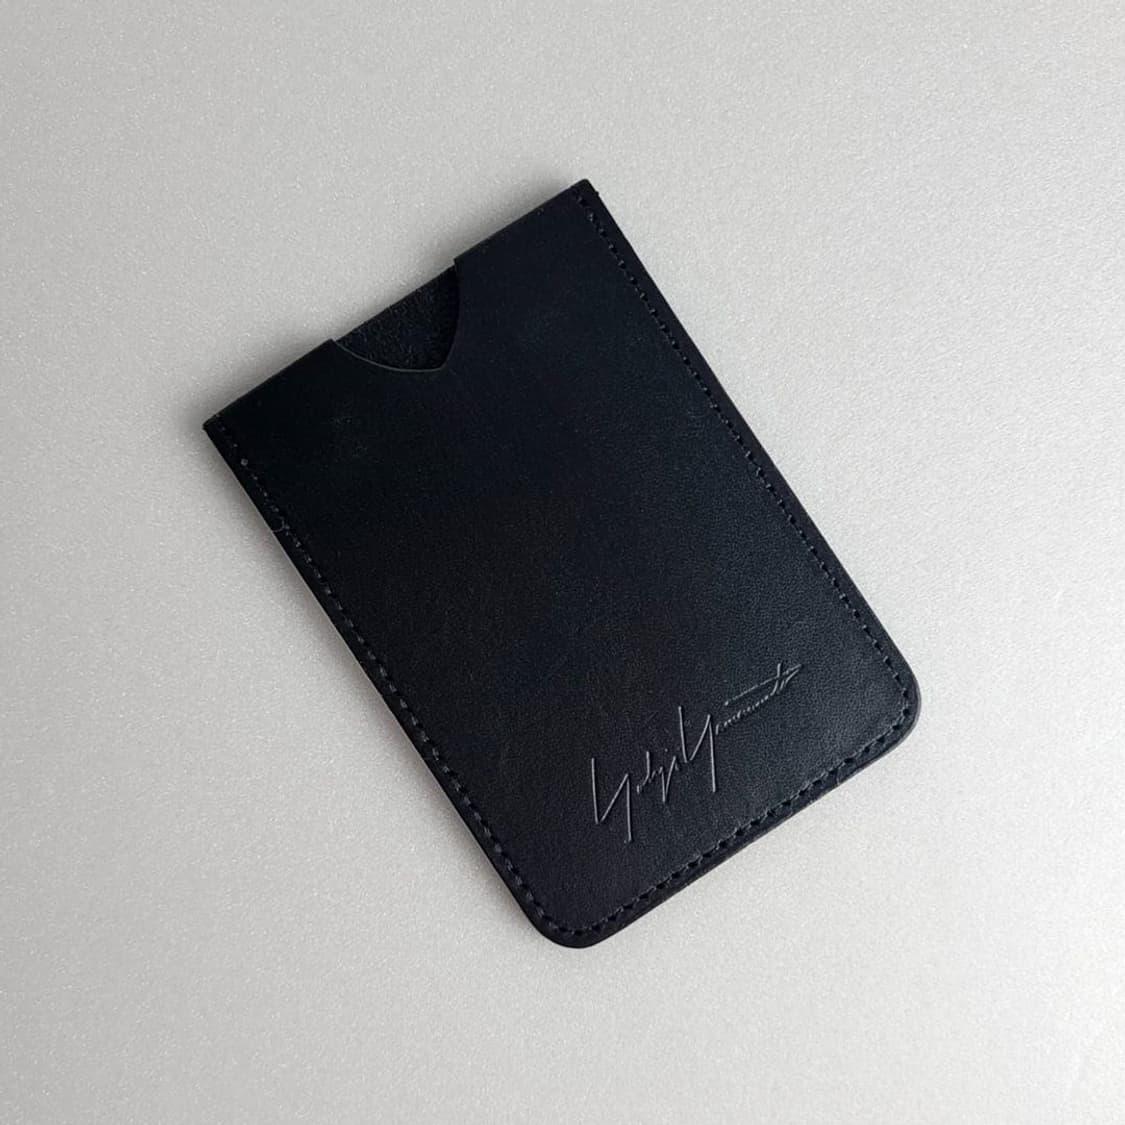 요지 야마모토 - 시그니처 로고 카드포켓